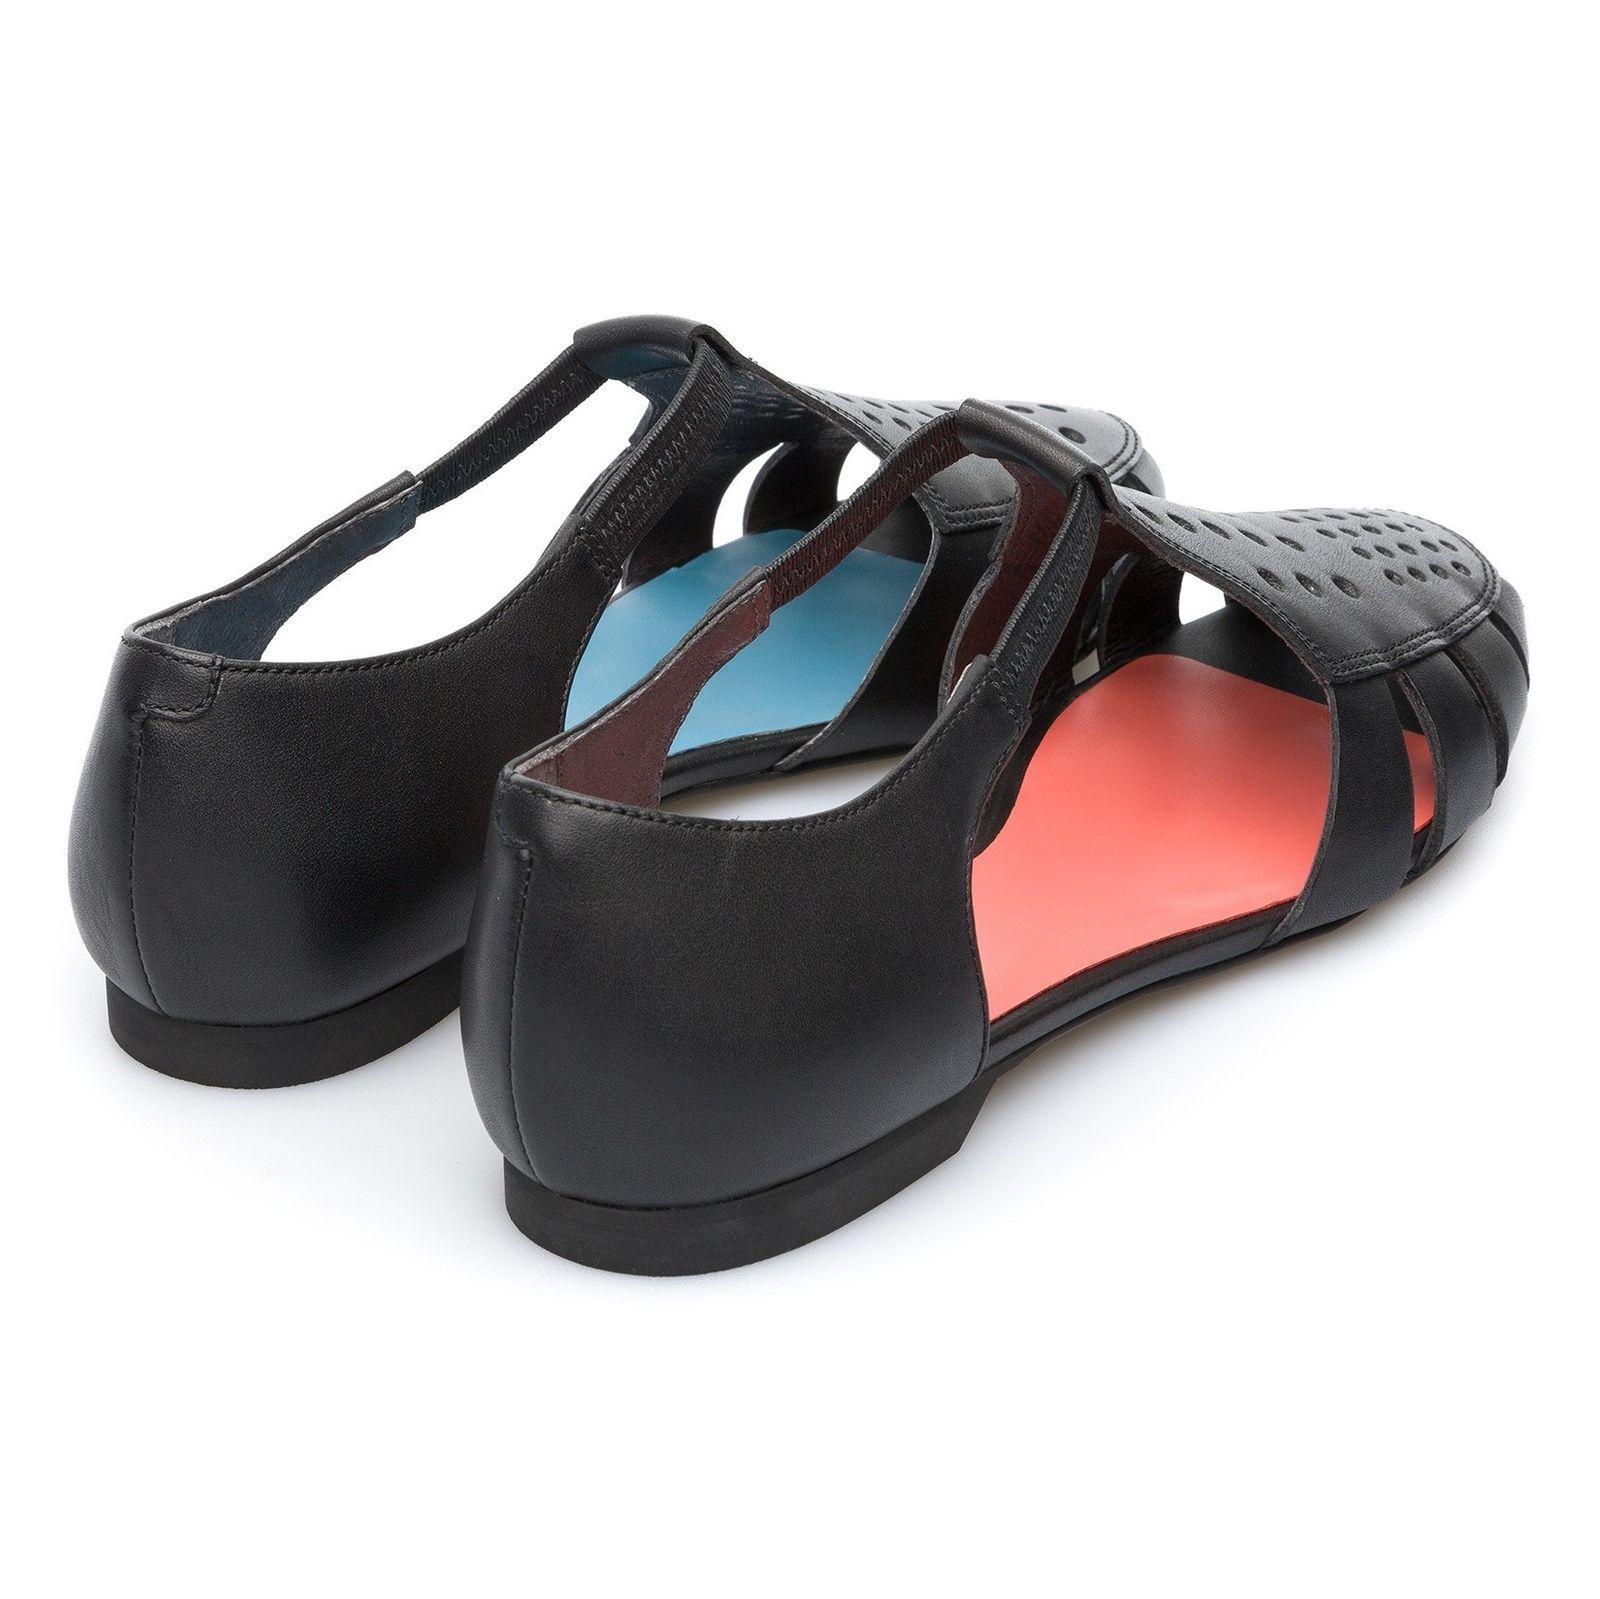 کفش چرم تخت زنانه Servolux - کمپر - مشکي - 6